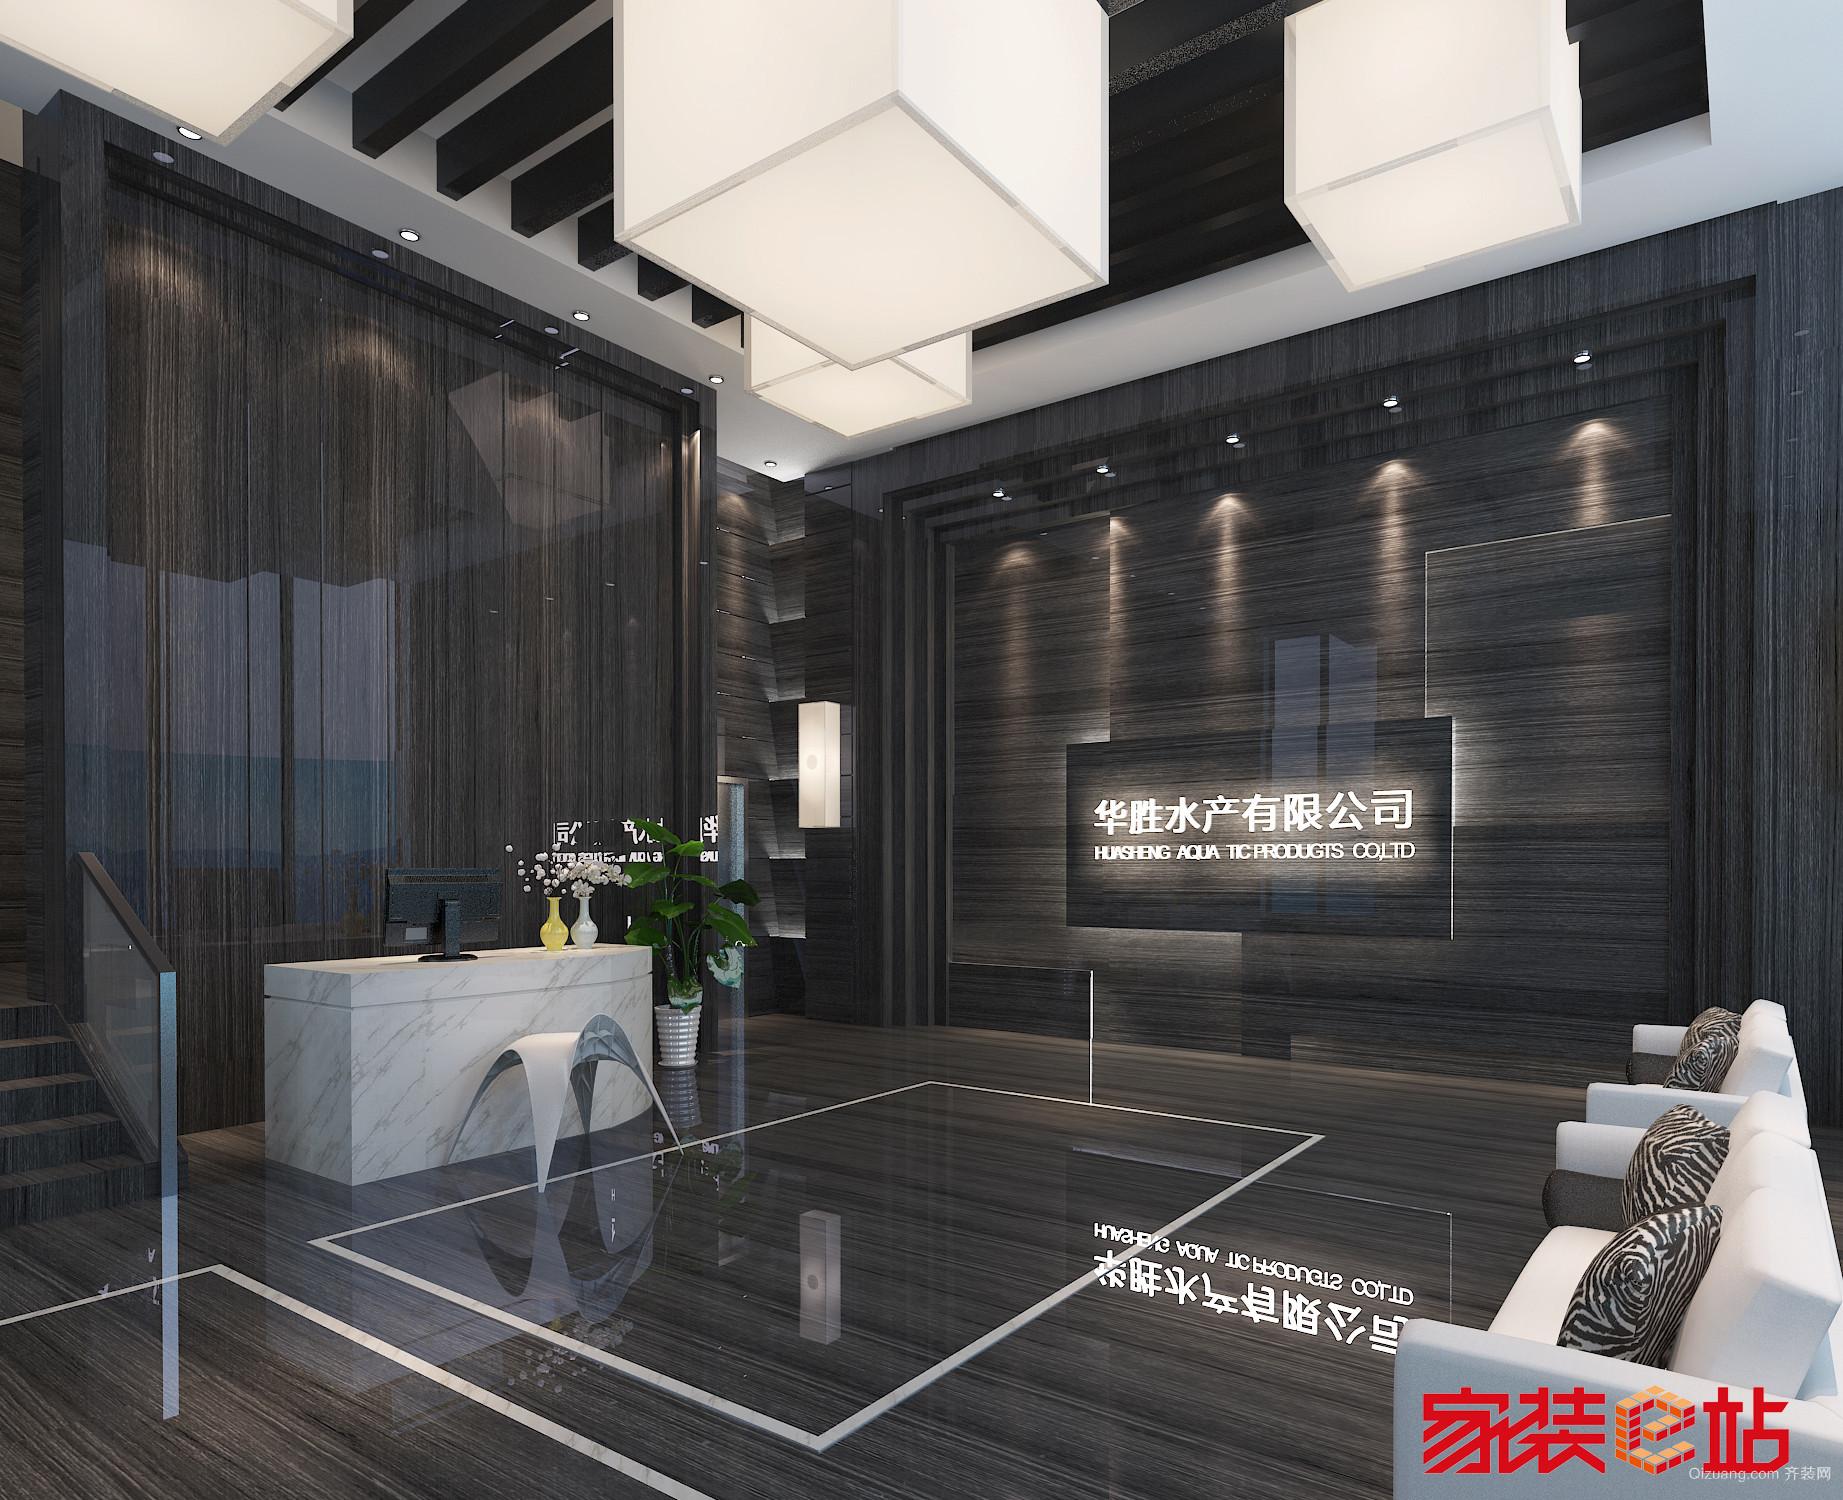 华胜水产有限公司现代简约装修效果图实景图